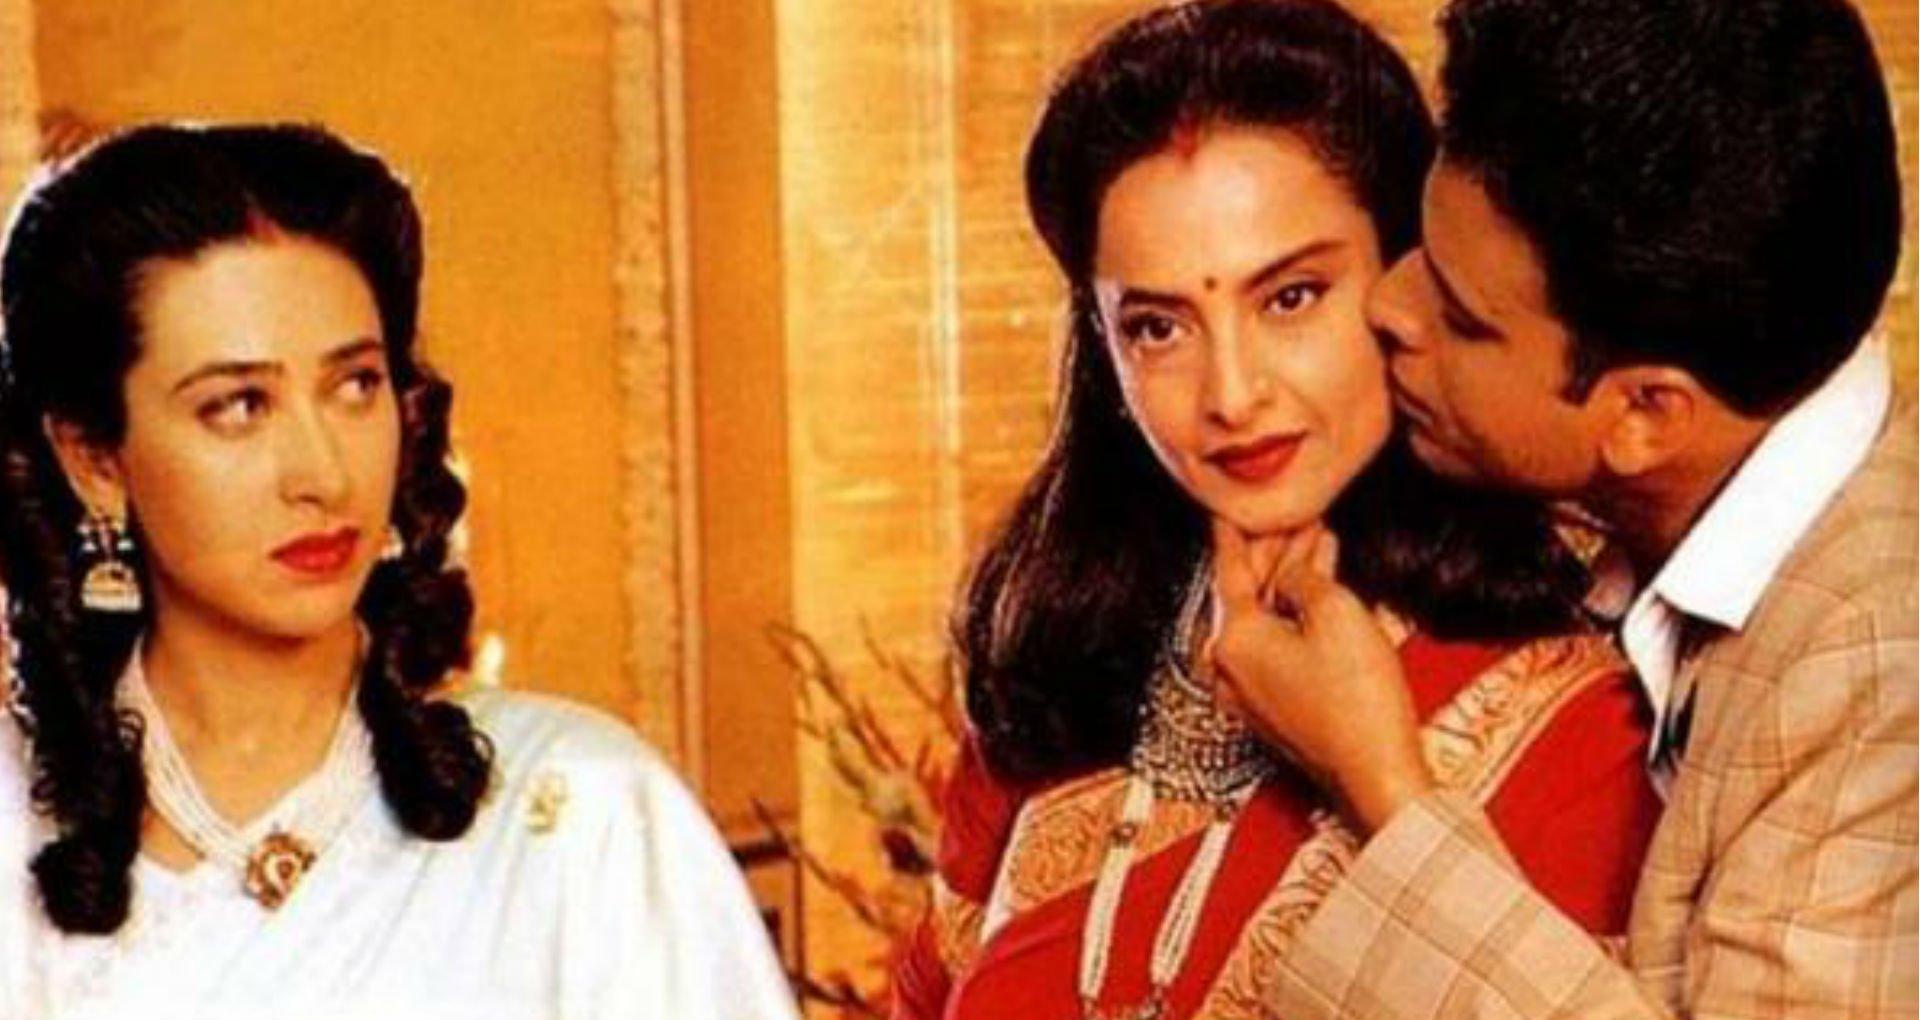 Underrated Hindi Movies of 2000s decade - Zubeidaa